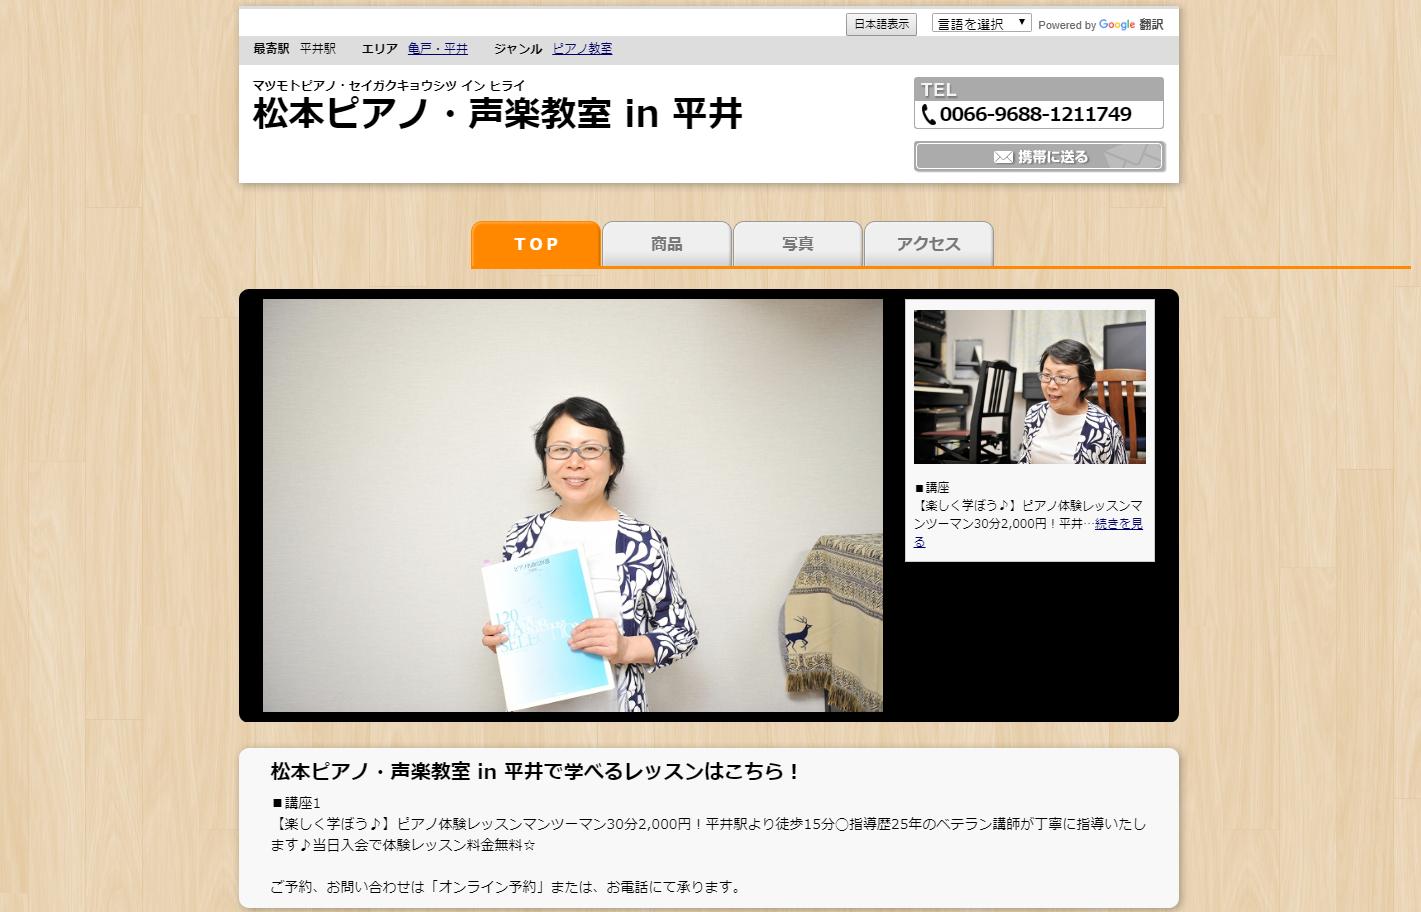 松本ピアノ・声楽教室 in 平井のサムネイル